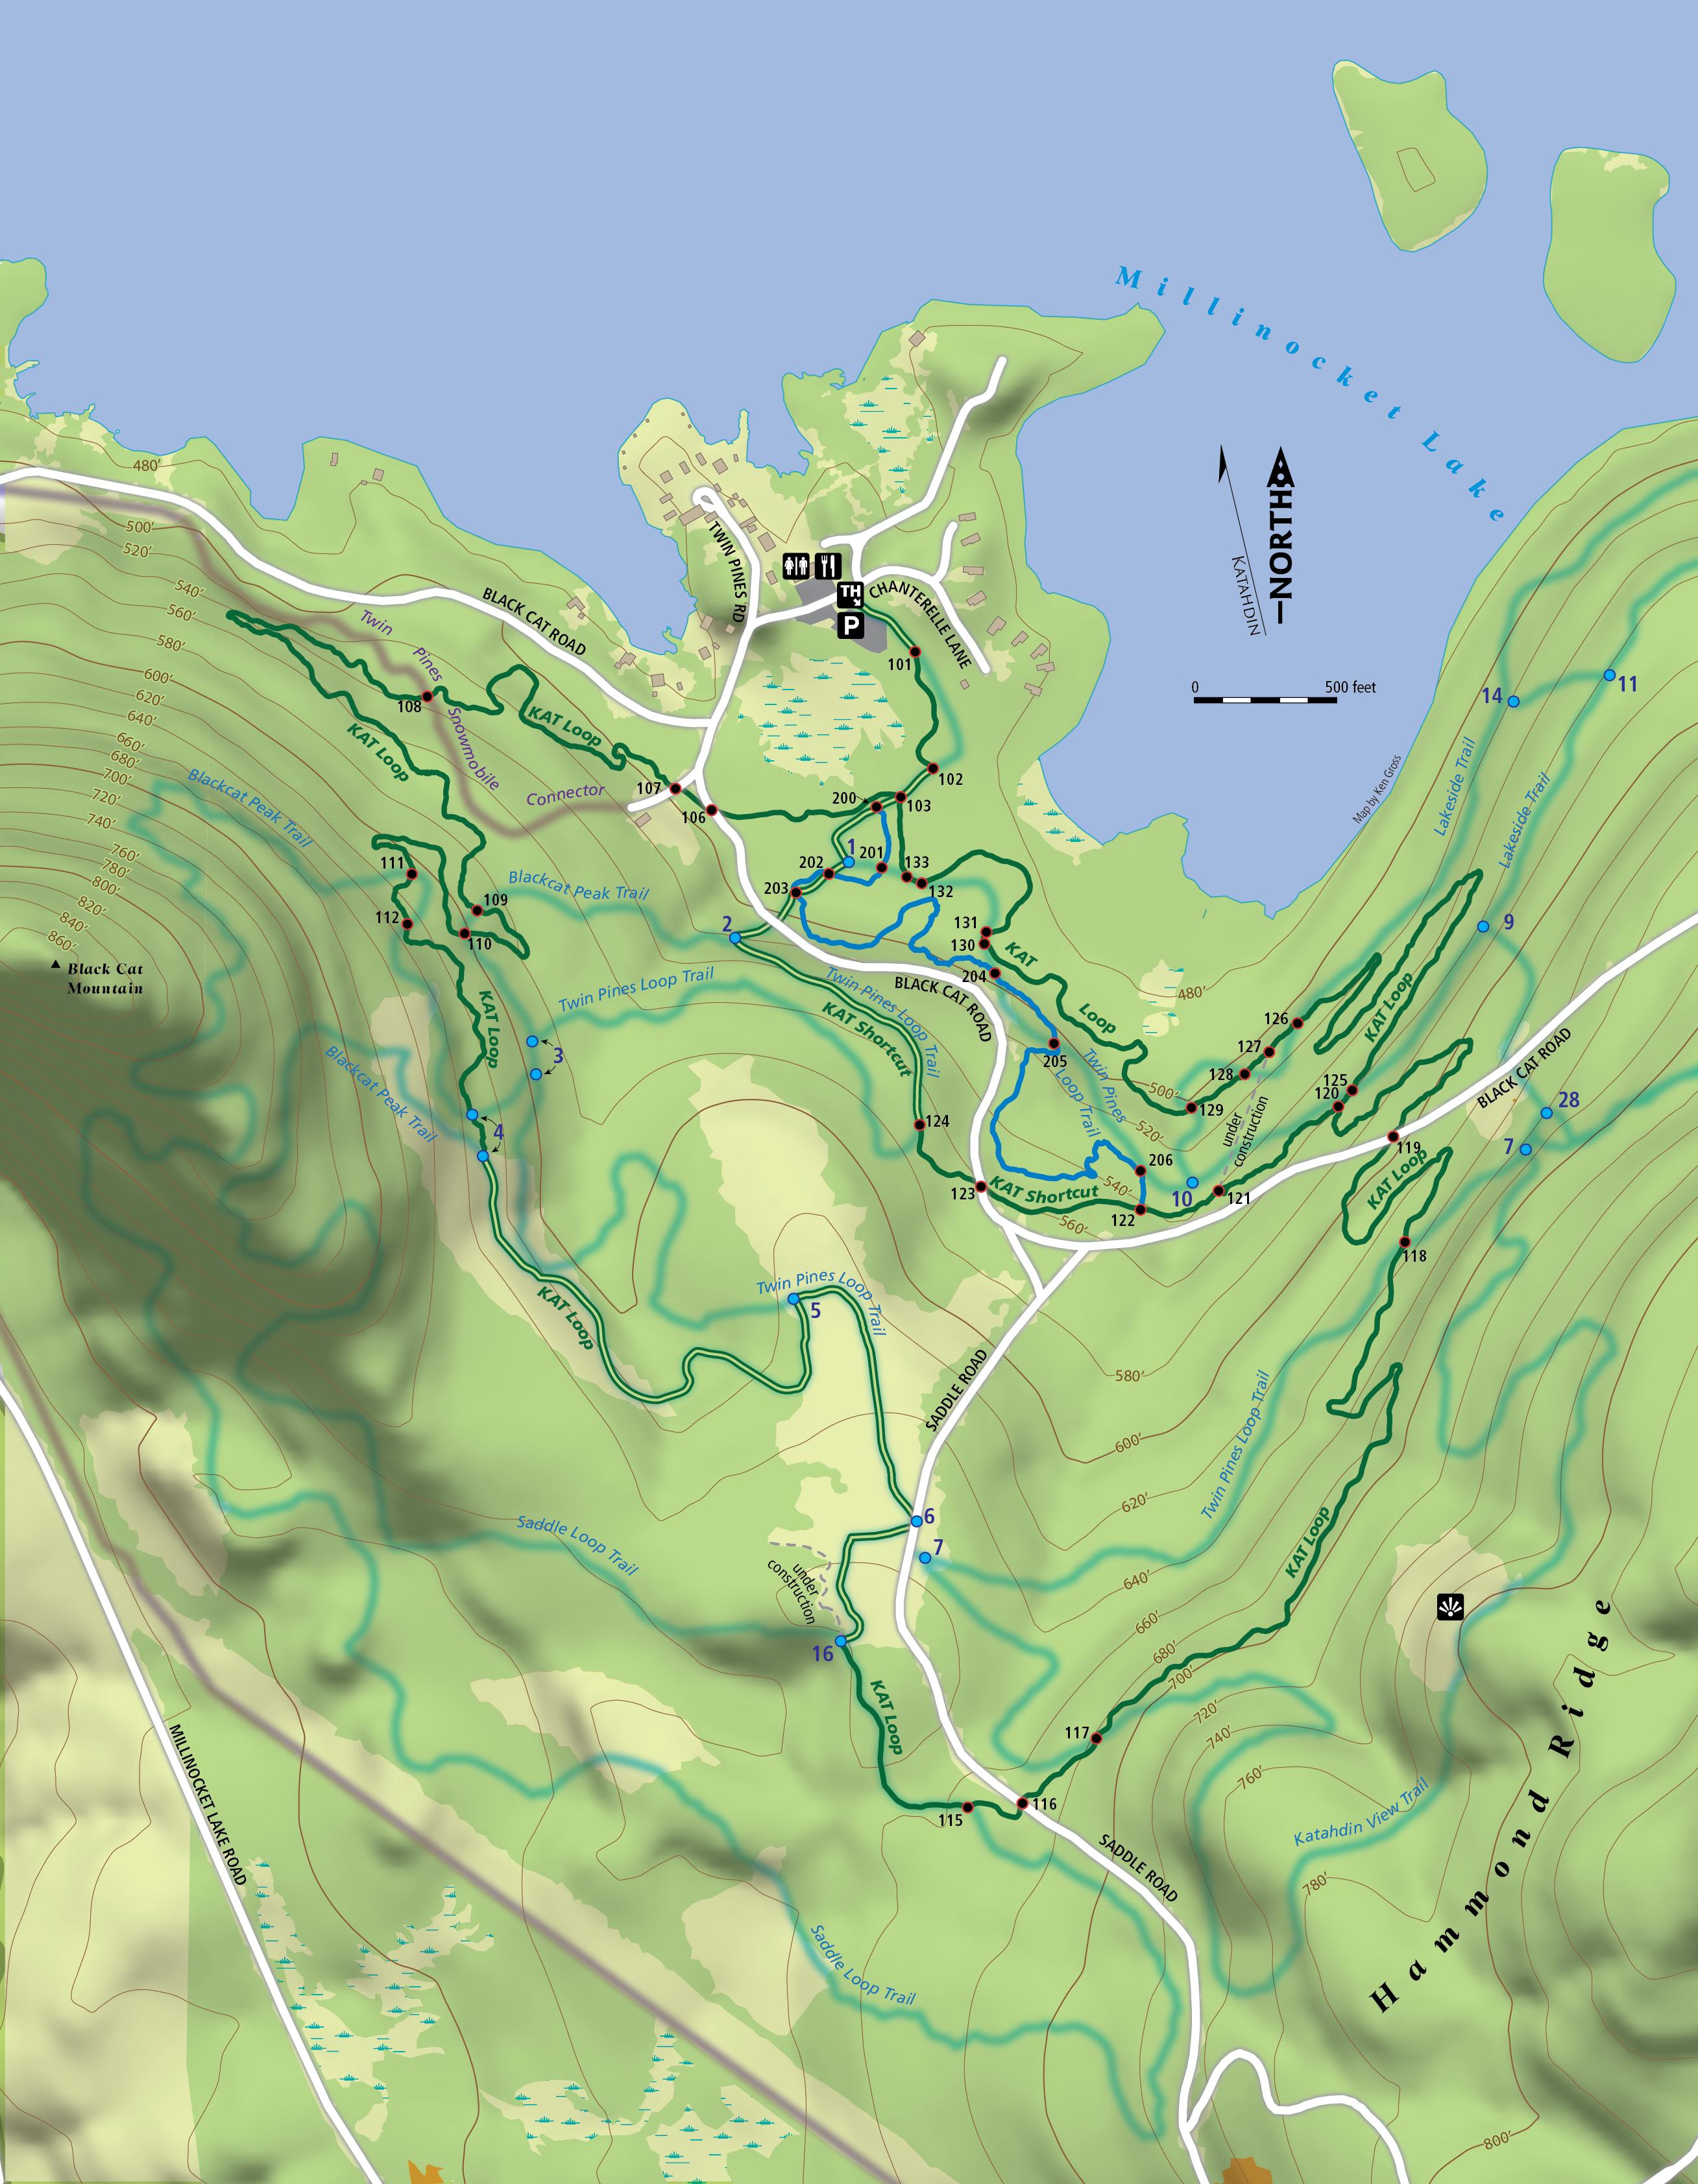 KAT Trails